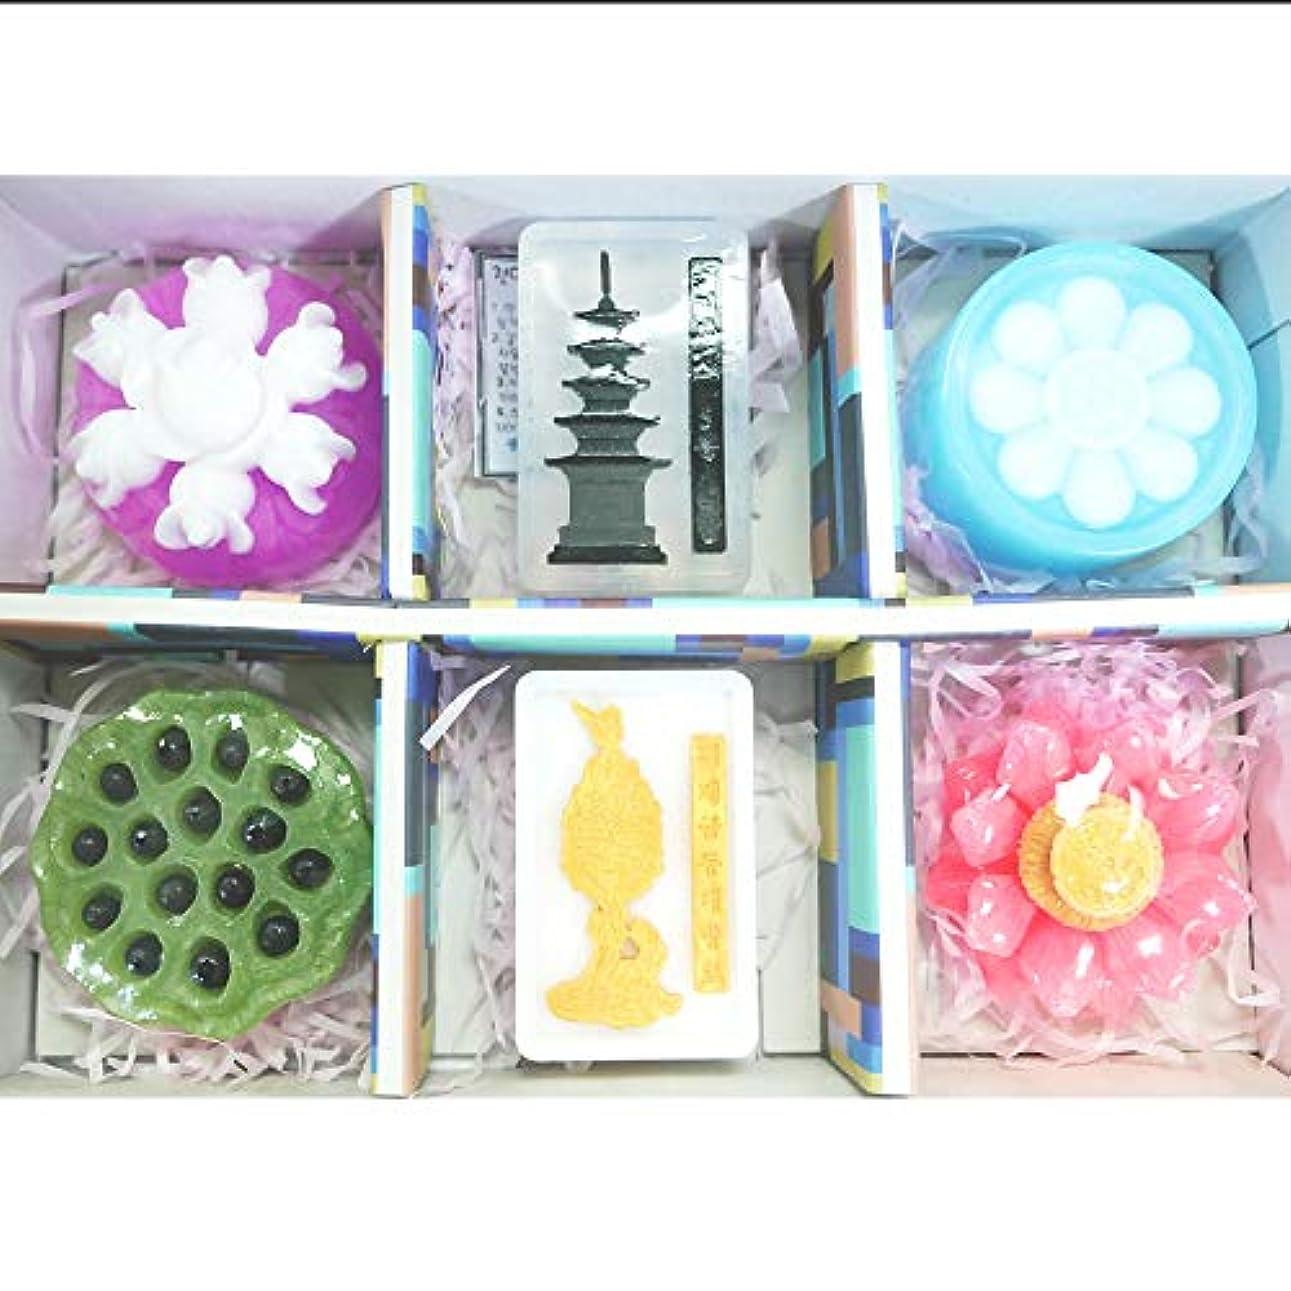 わなインセンティブ研究所[ソドン] 韓国 百済 手漉き石鹸 1 セット(3.5オンスx 6石鹸)